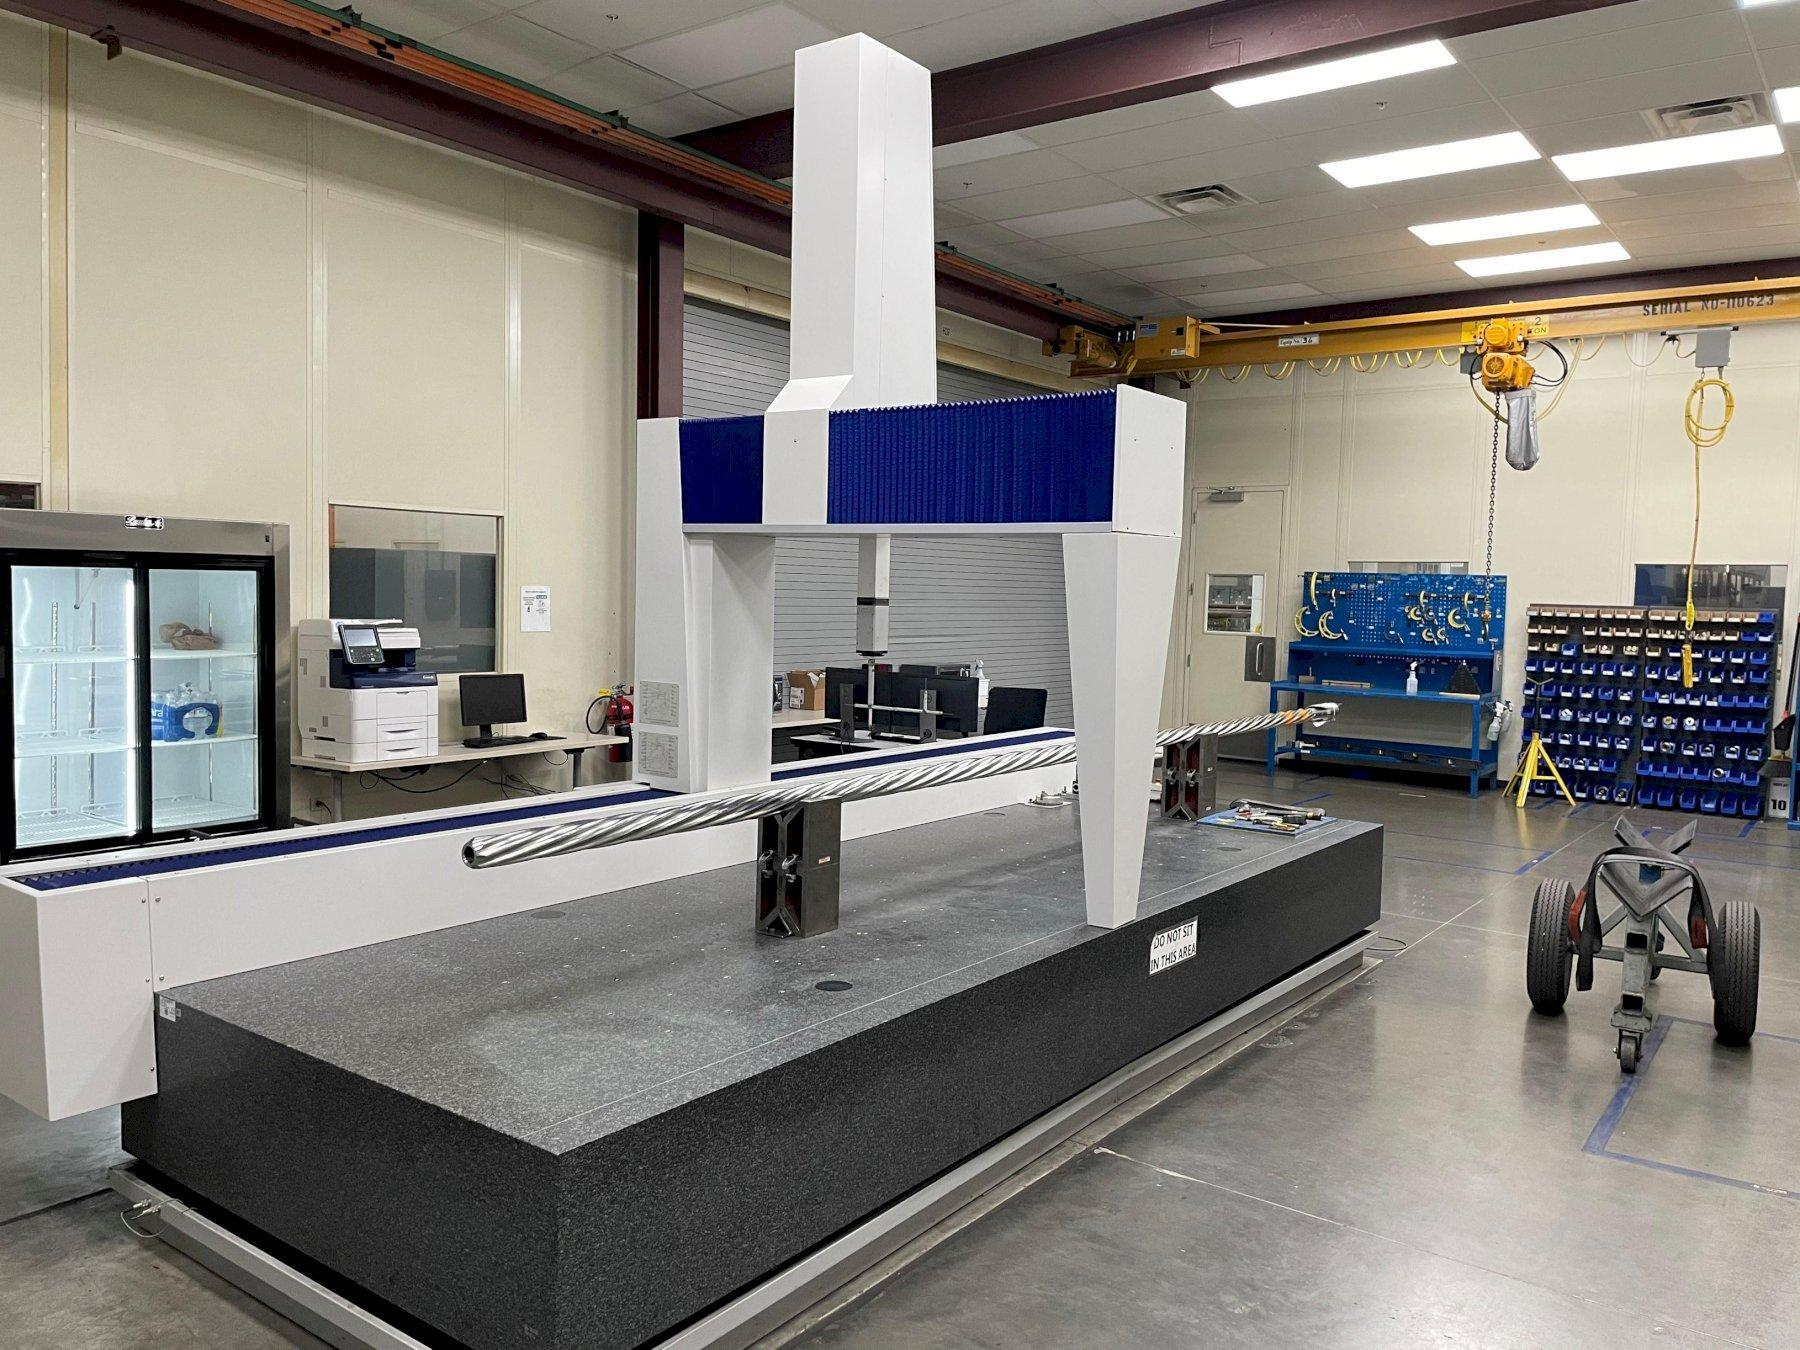 2013 Zeiss Accura II 12/42/10 RDS Coordinate Measuring Machine (CMM) (#33204)